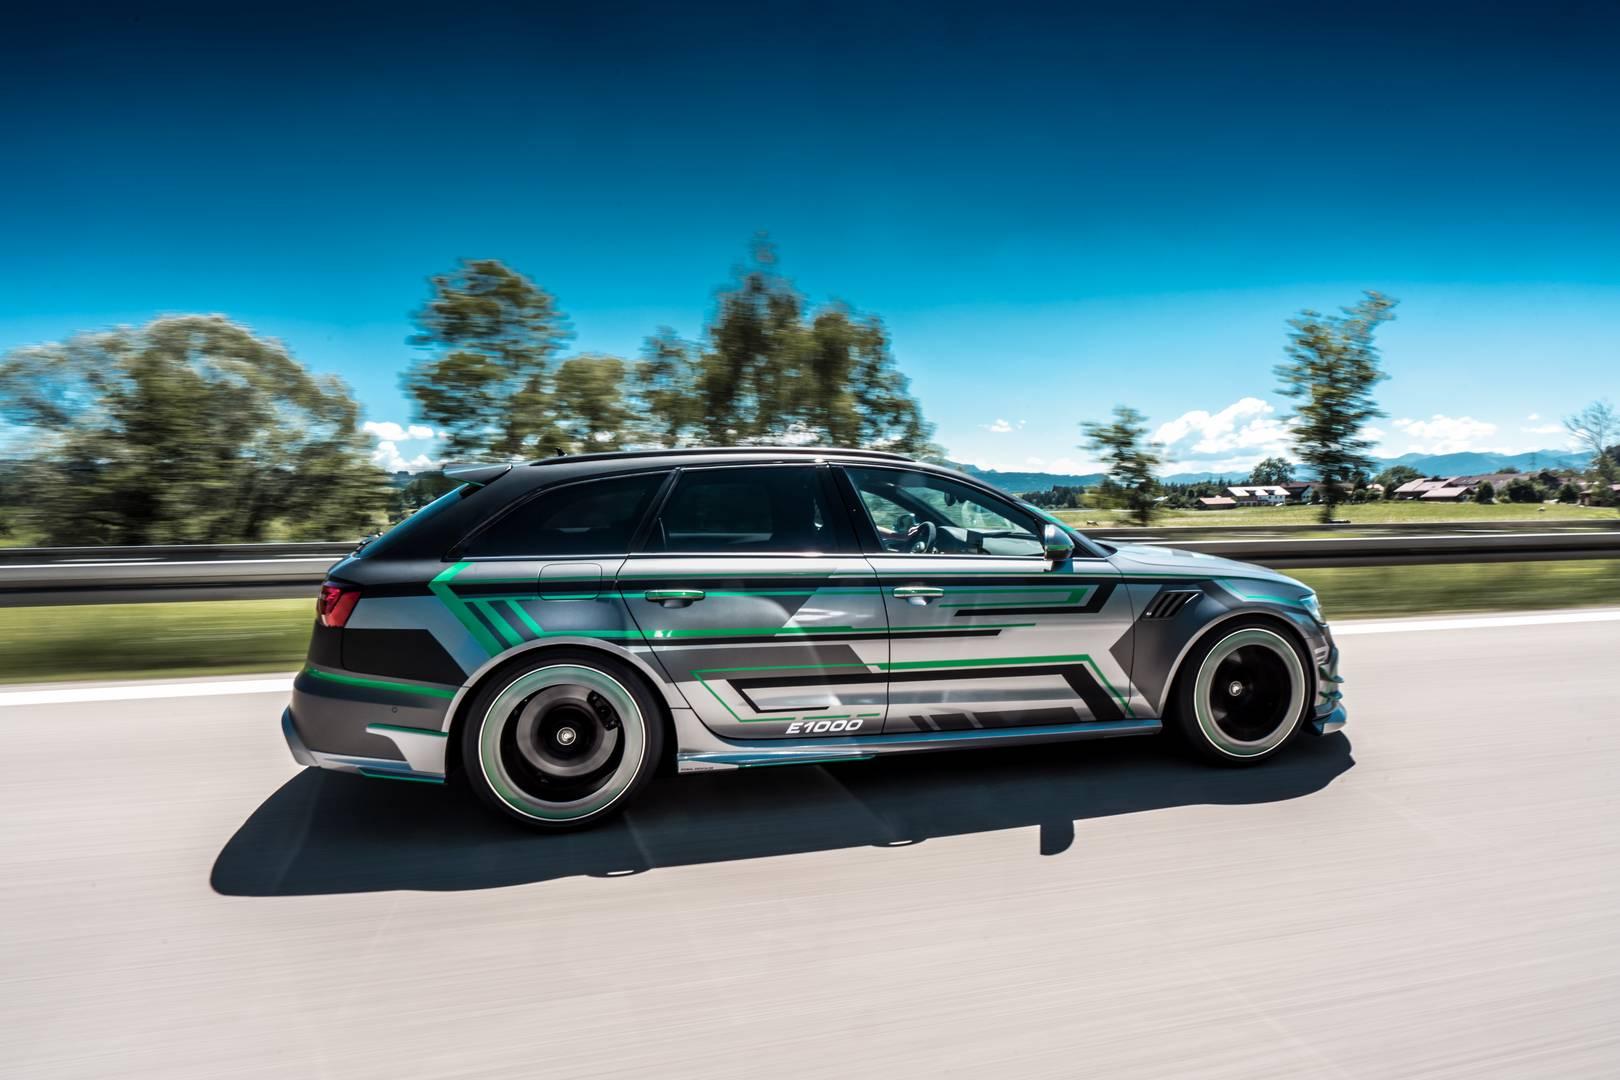 Гибридная революция наступает, и автопроизводители с удовольствием реализуют эти технологии для достижения самых неожиданных результатов.